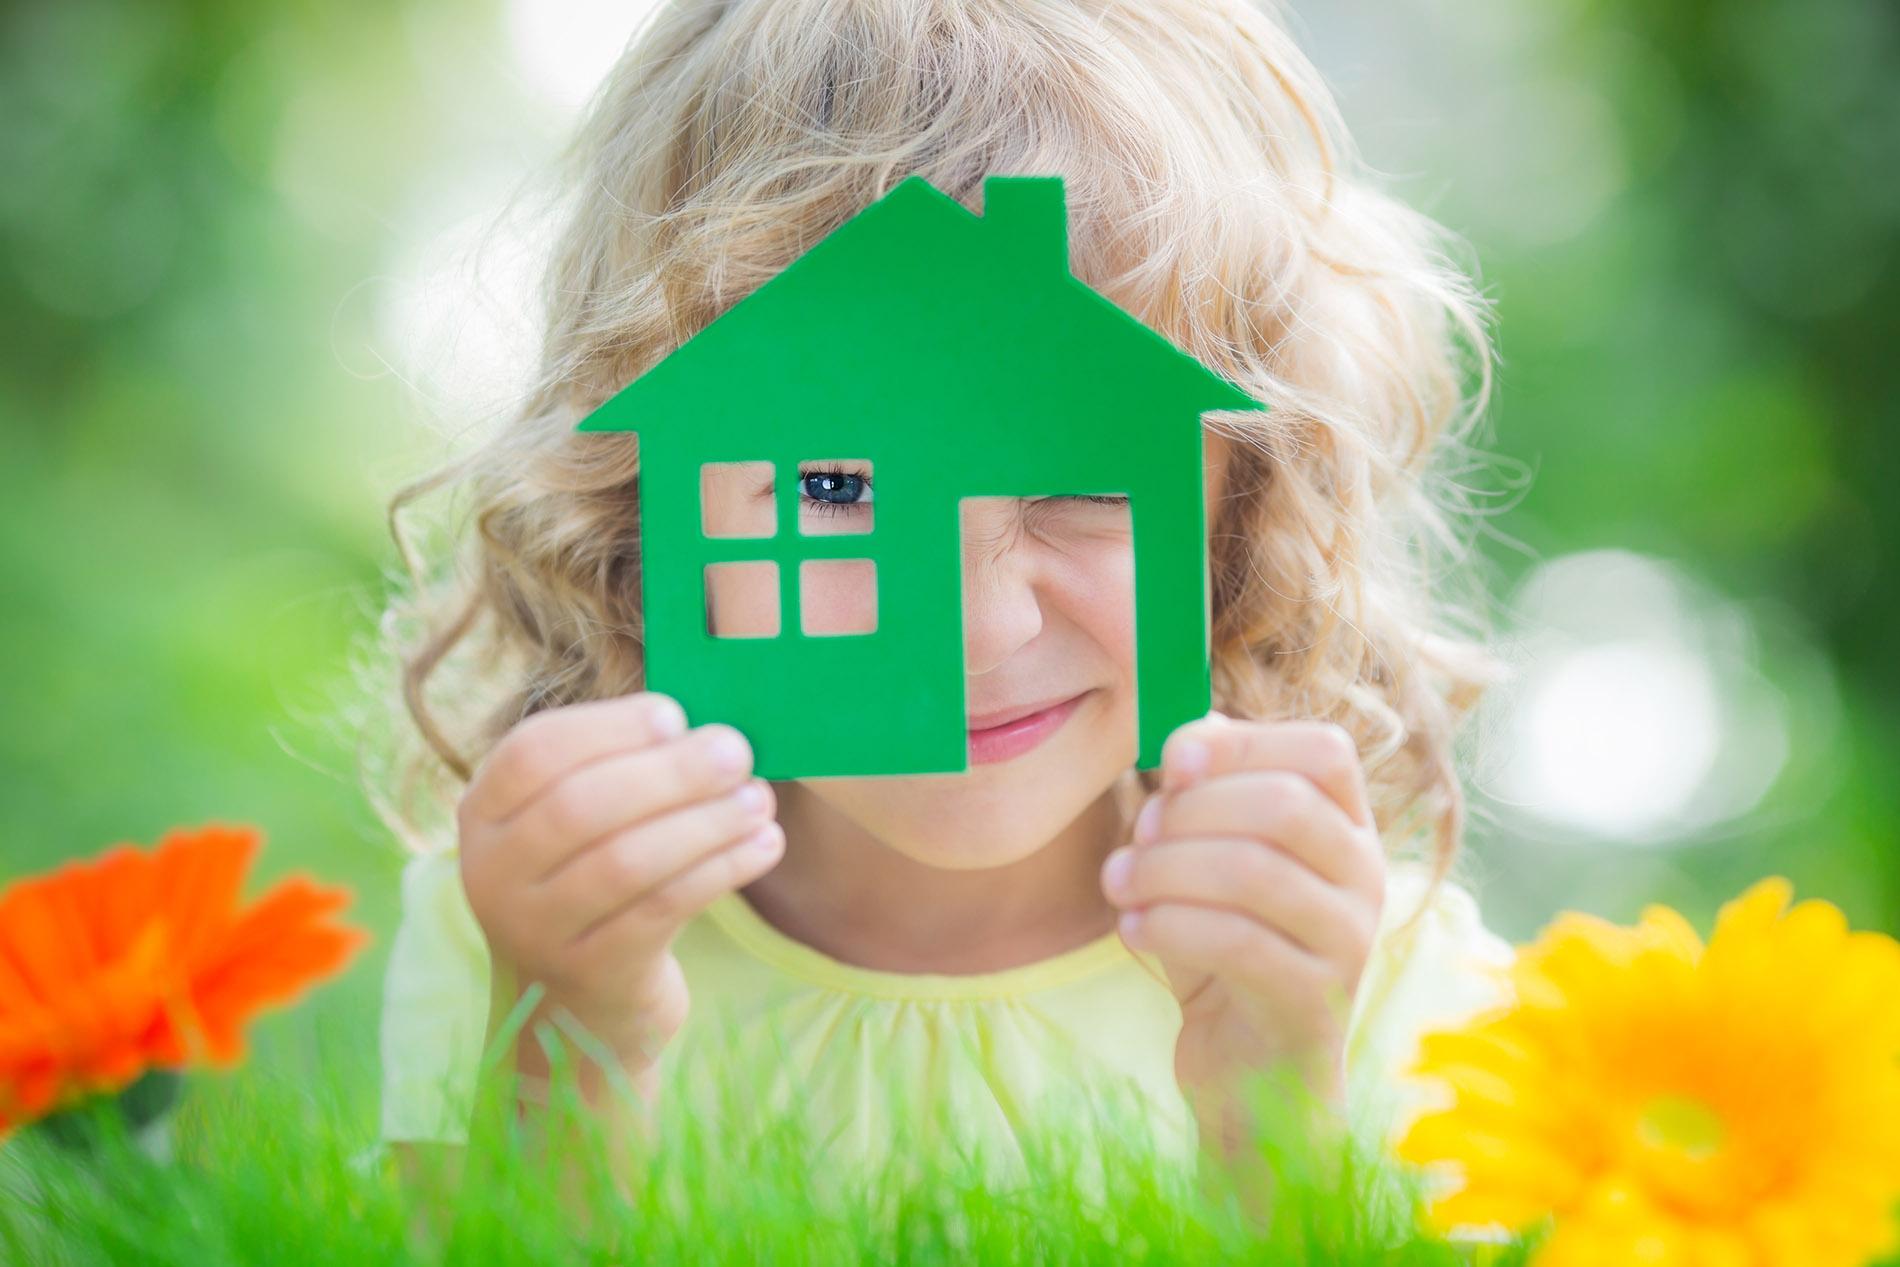 assurances et garanties pour une construction en toute tranquillité alsace construction